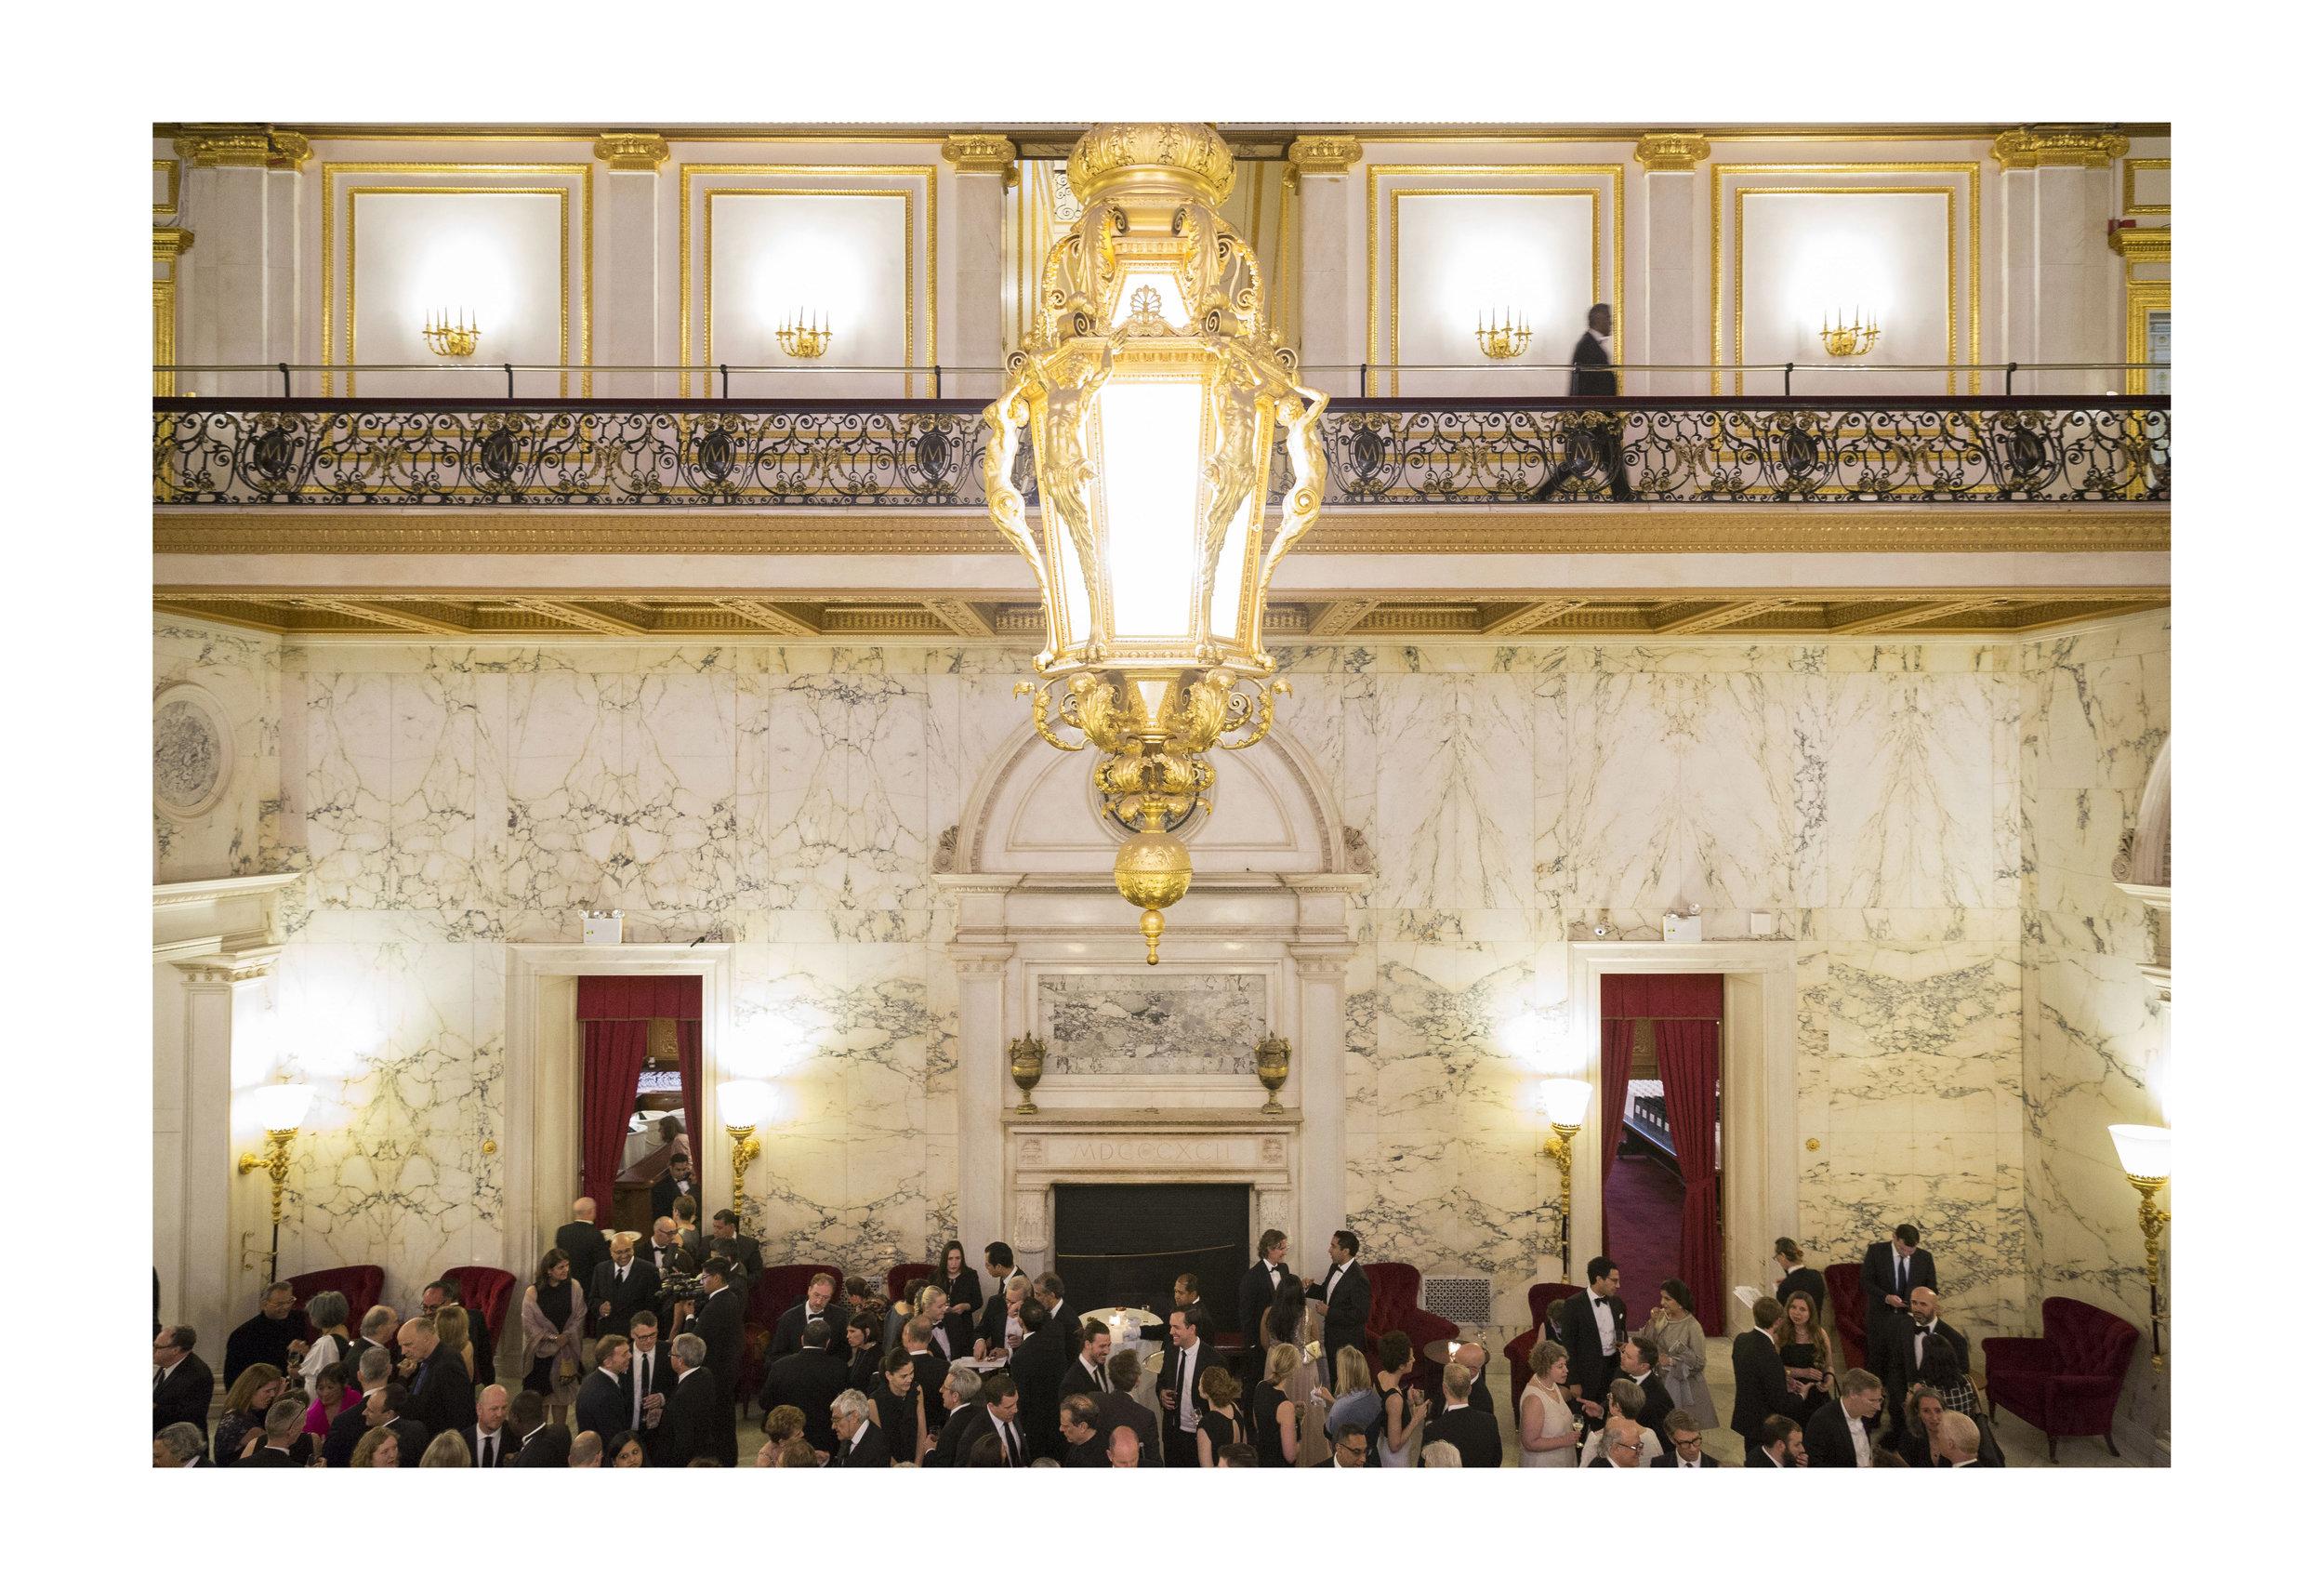 1705 EUA NY Archleague NY President's Medal Dinner 0459.jpg